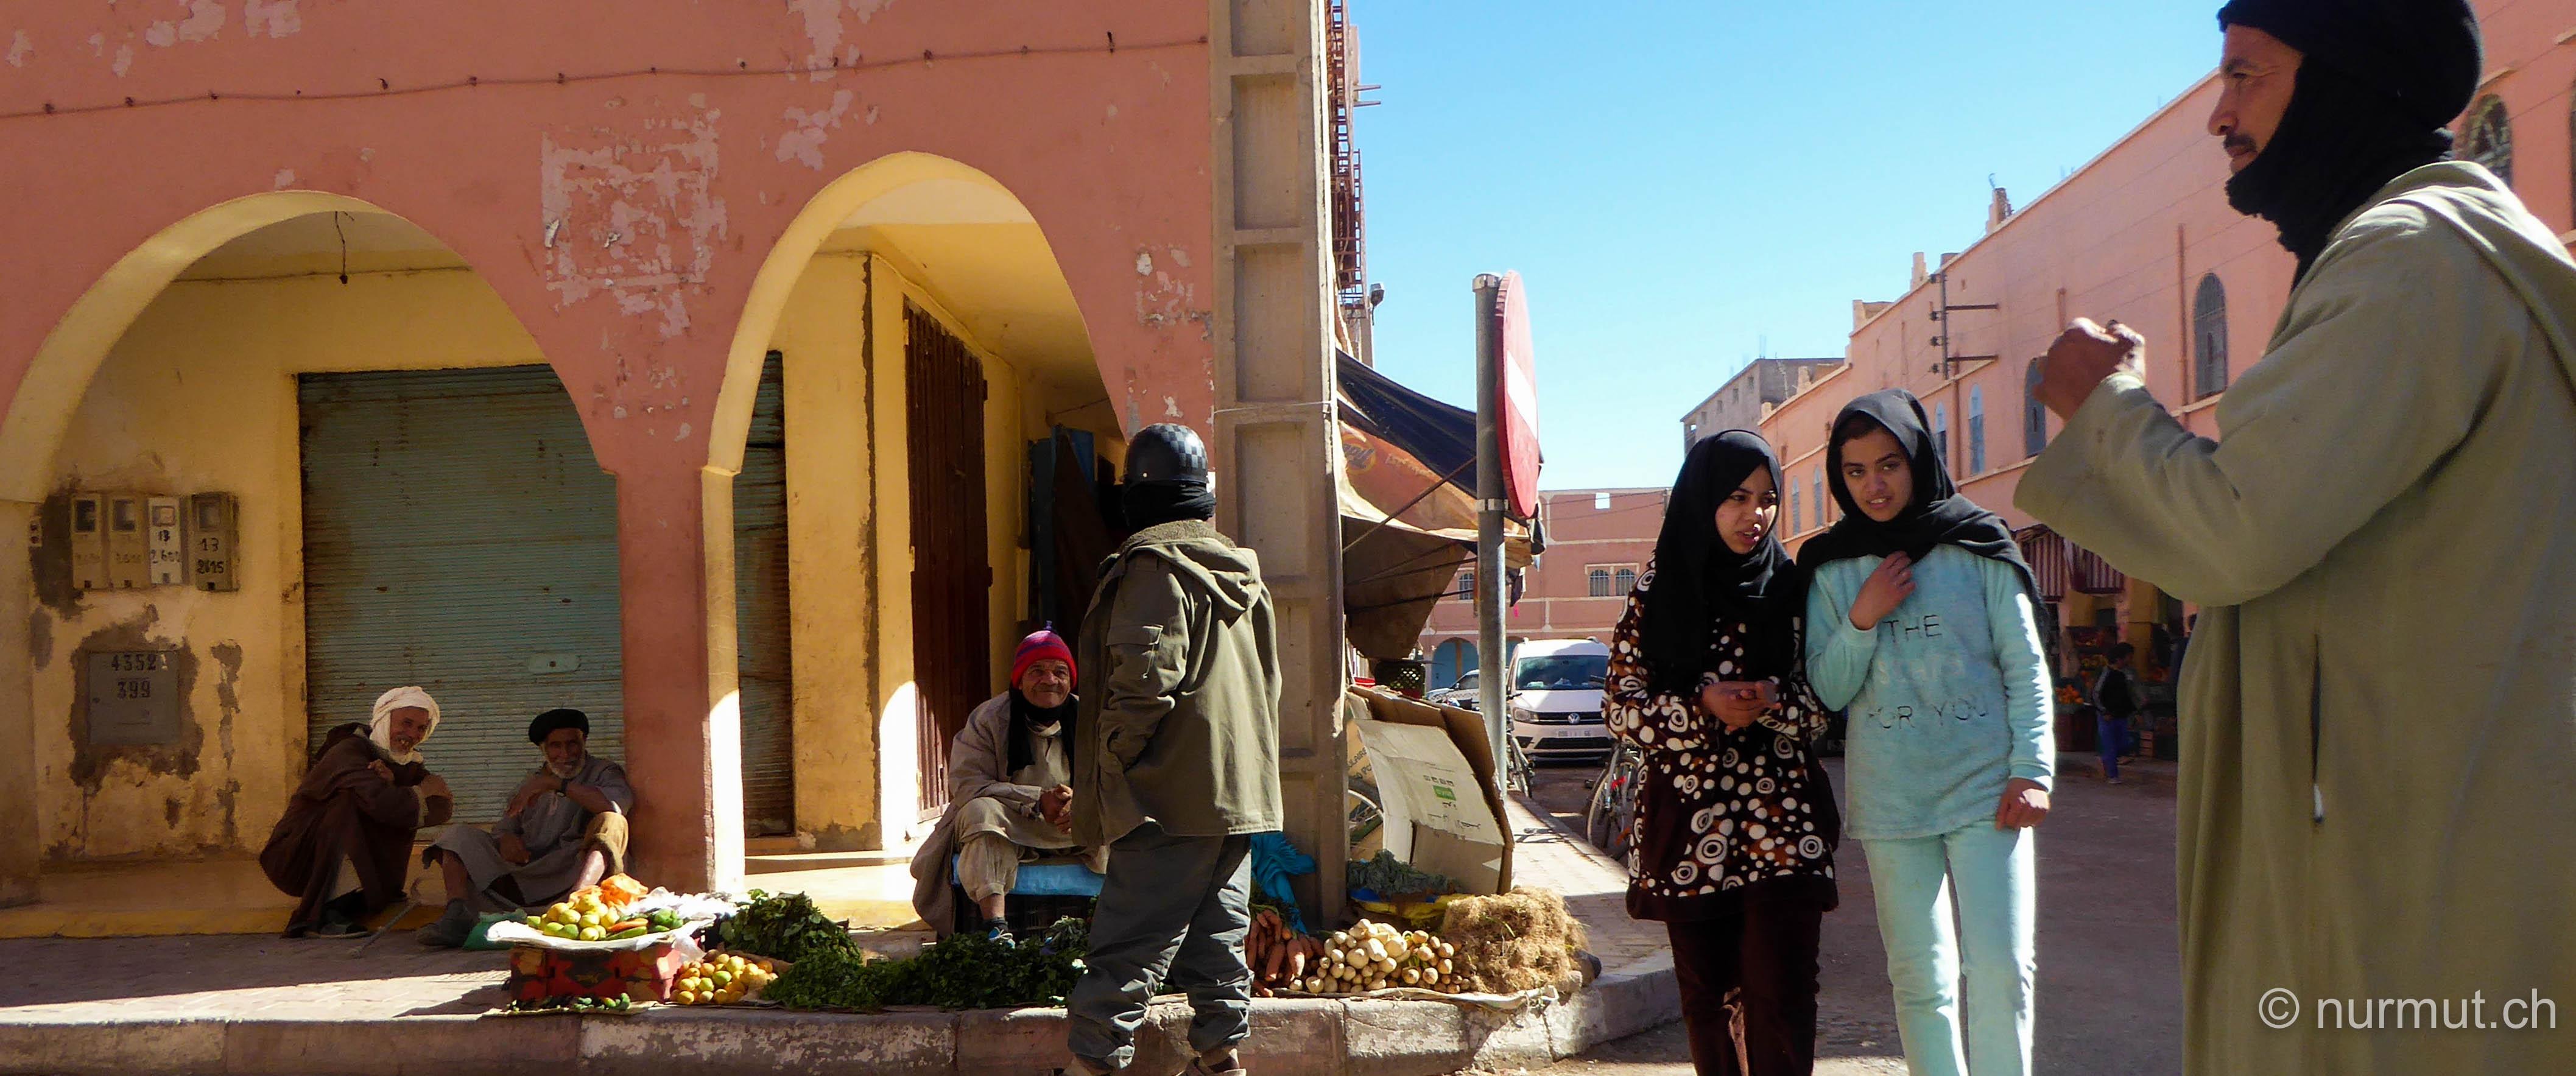 im winter in marokko-nurmut-tata-marokko-marokkaner-berber-strassenmarkt